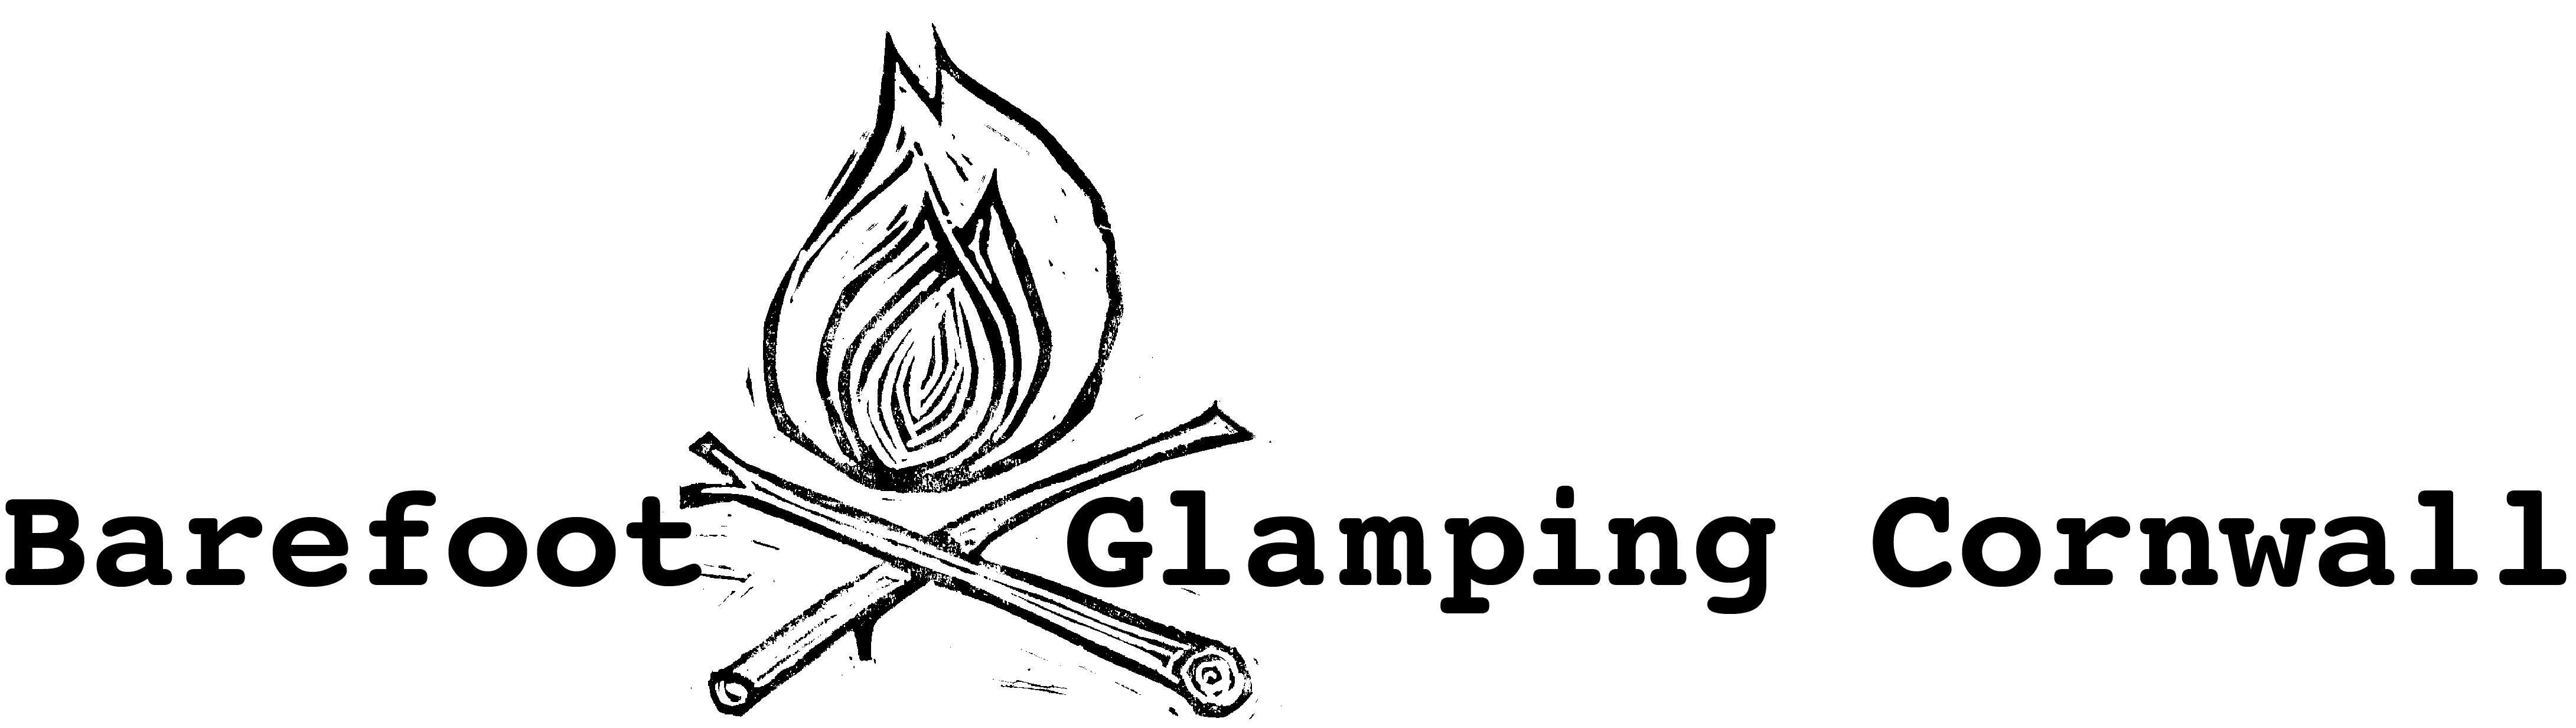 Barefoot Glamping